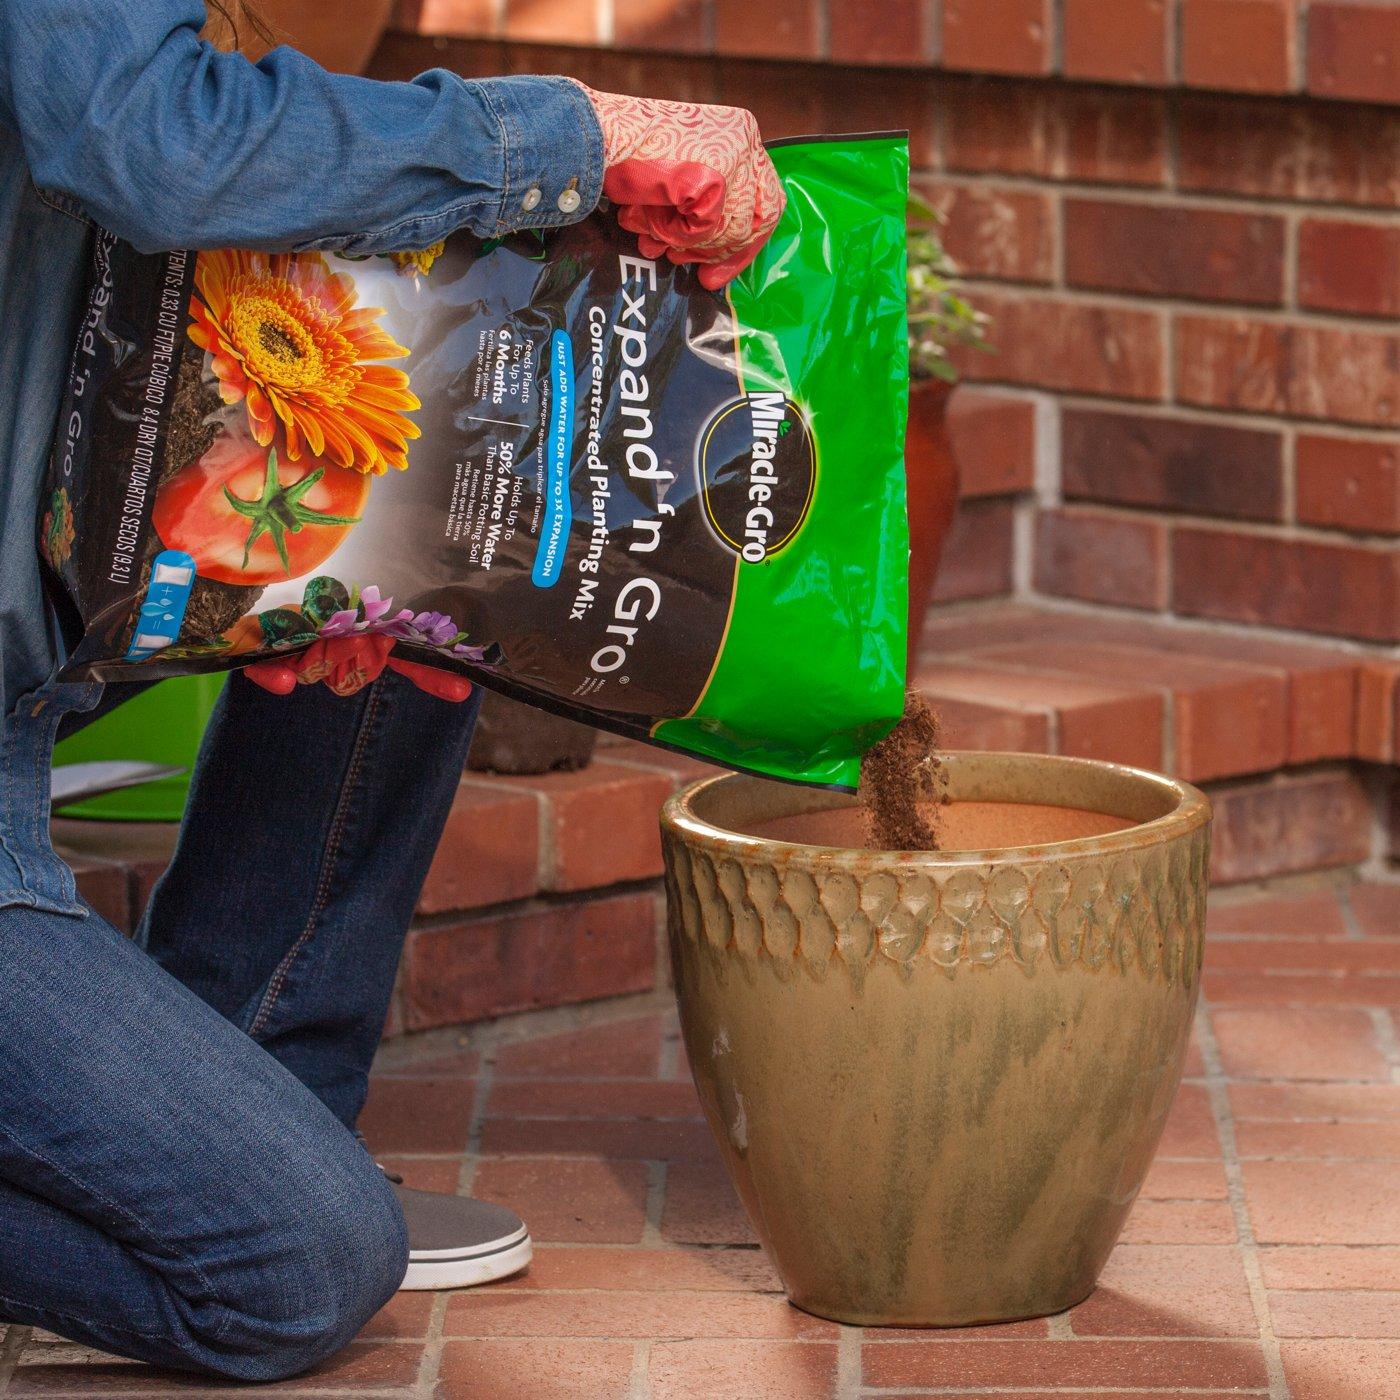 Amazon.com : Miracle-Gro Gardening Gift Pack : Garden & Outdoor